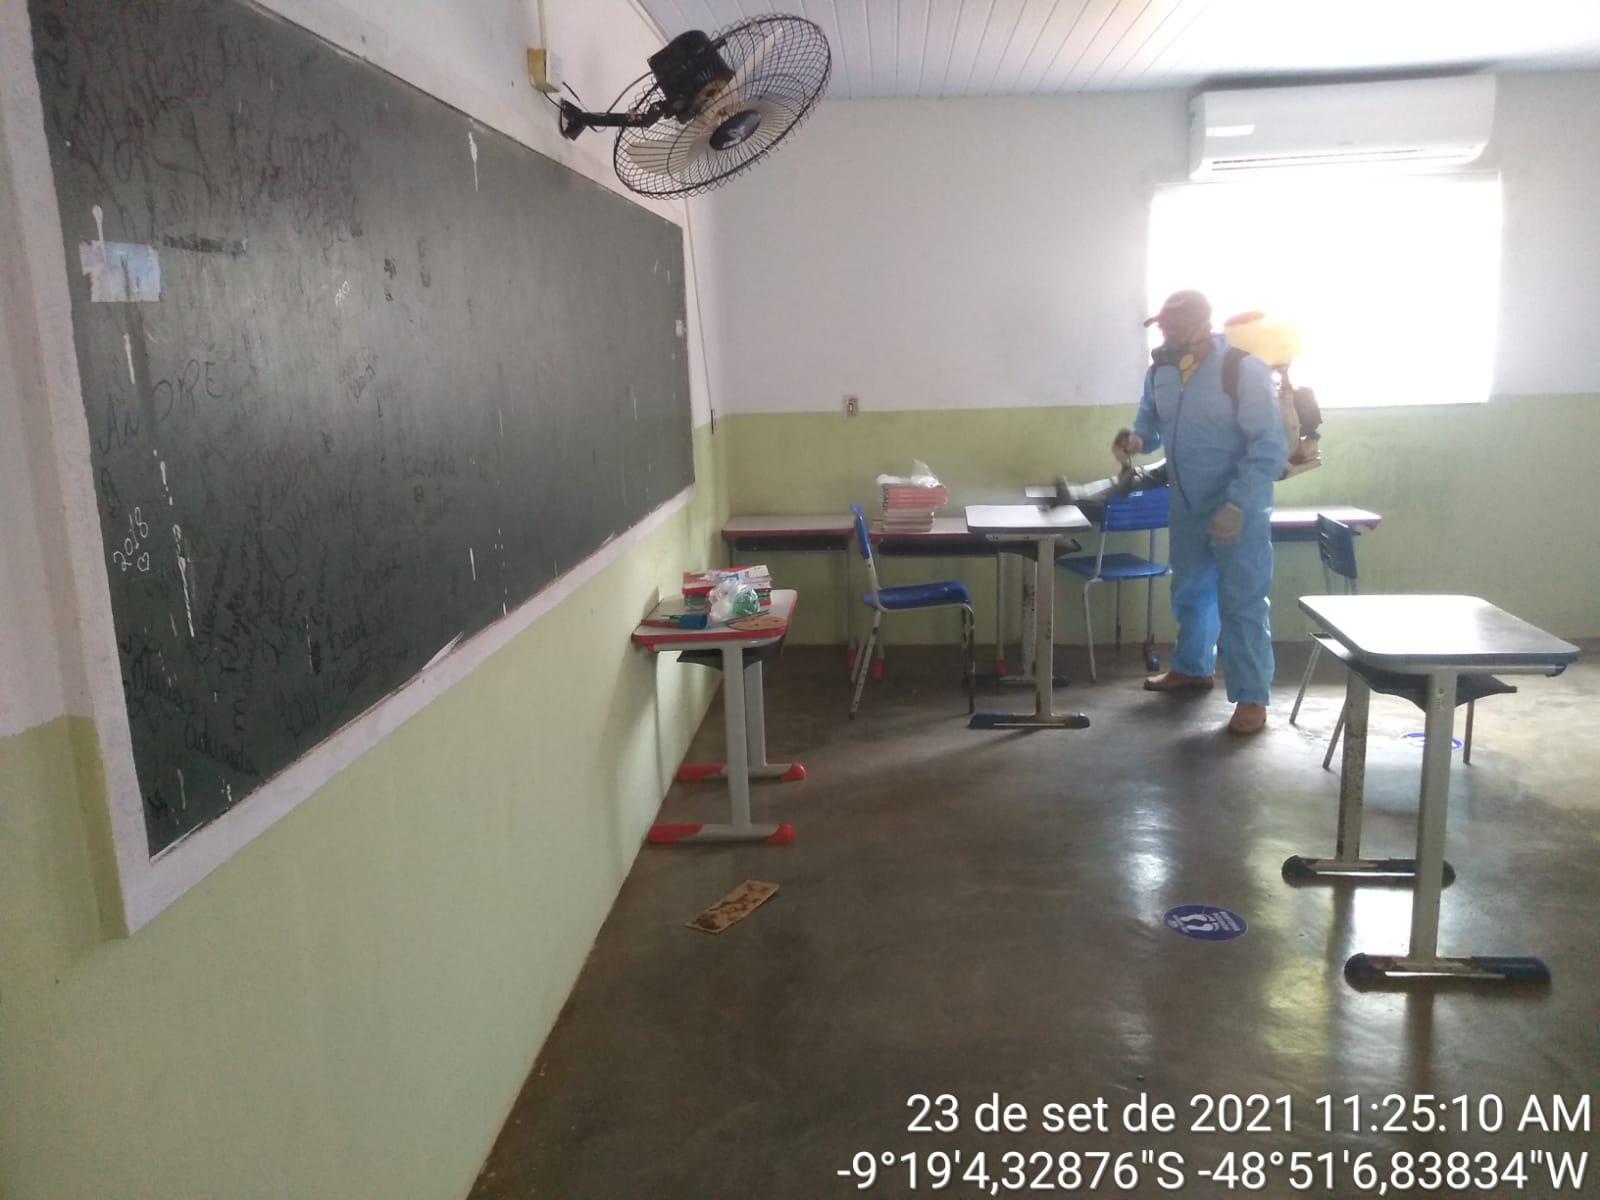 Operação desencadeada nesta manhã - Foto: Ascom/Divulgação